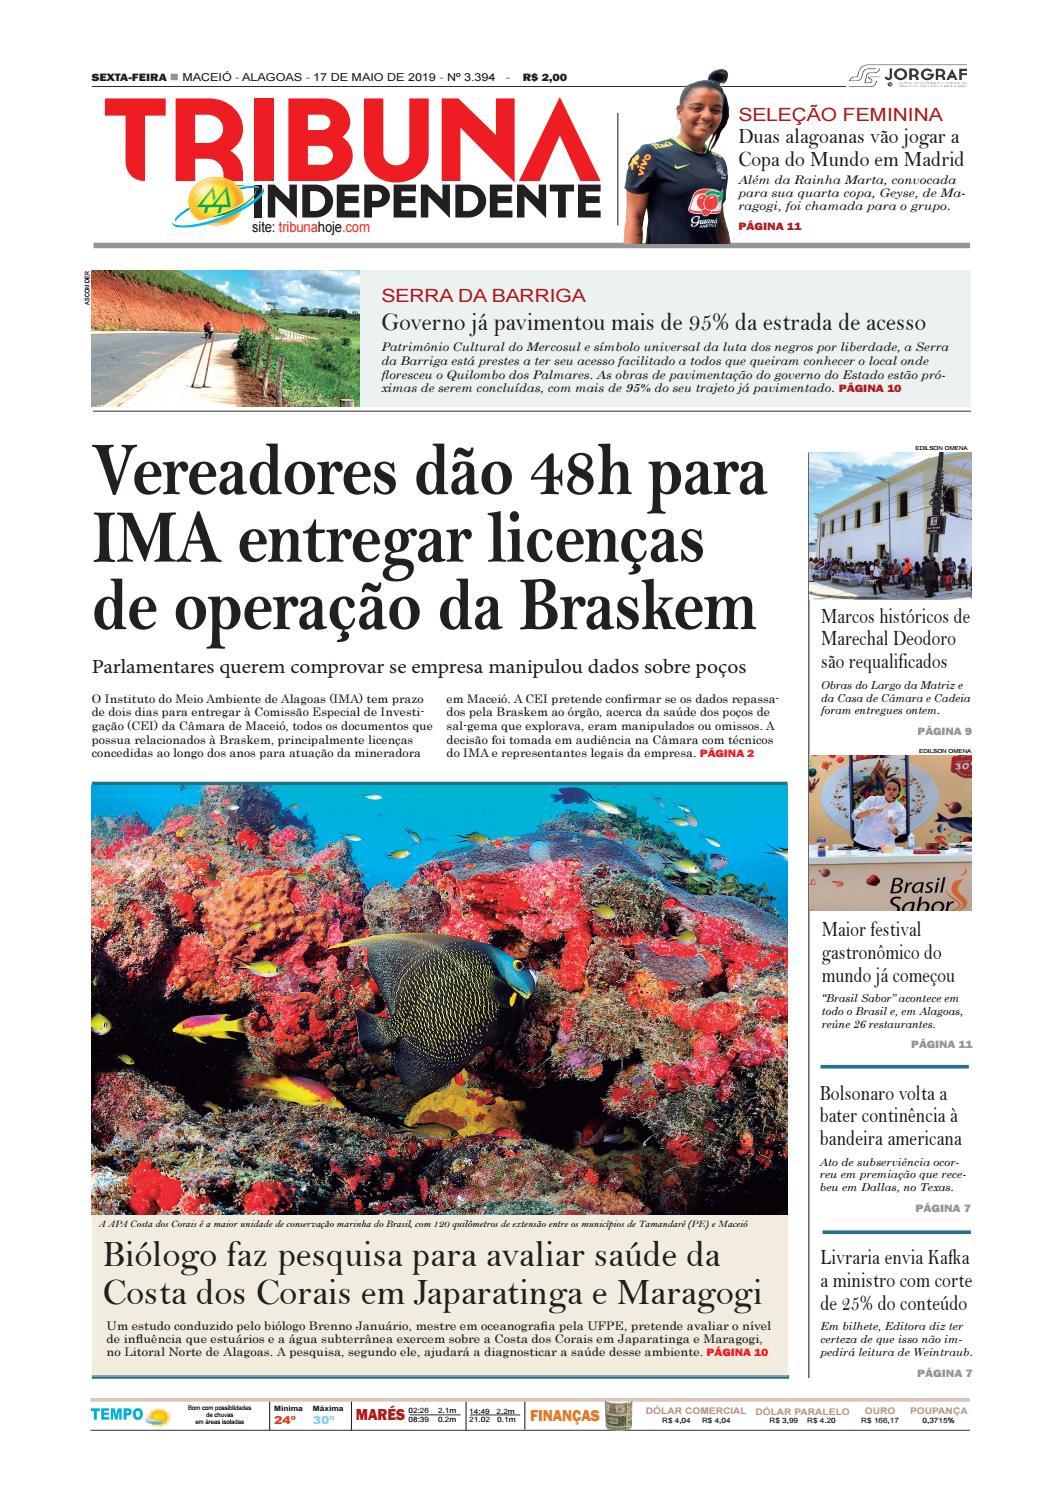 bade43531 Edição número 3394 - 17 de maio de 2019 by Tribuna Hoje - issuu